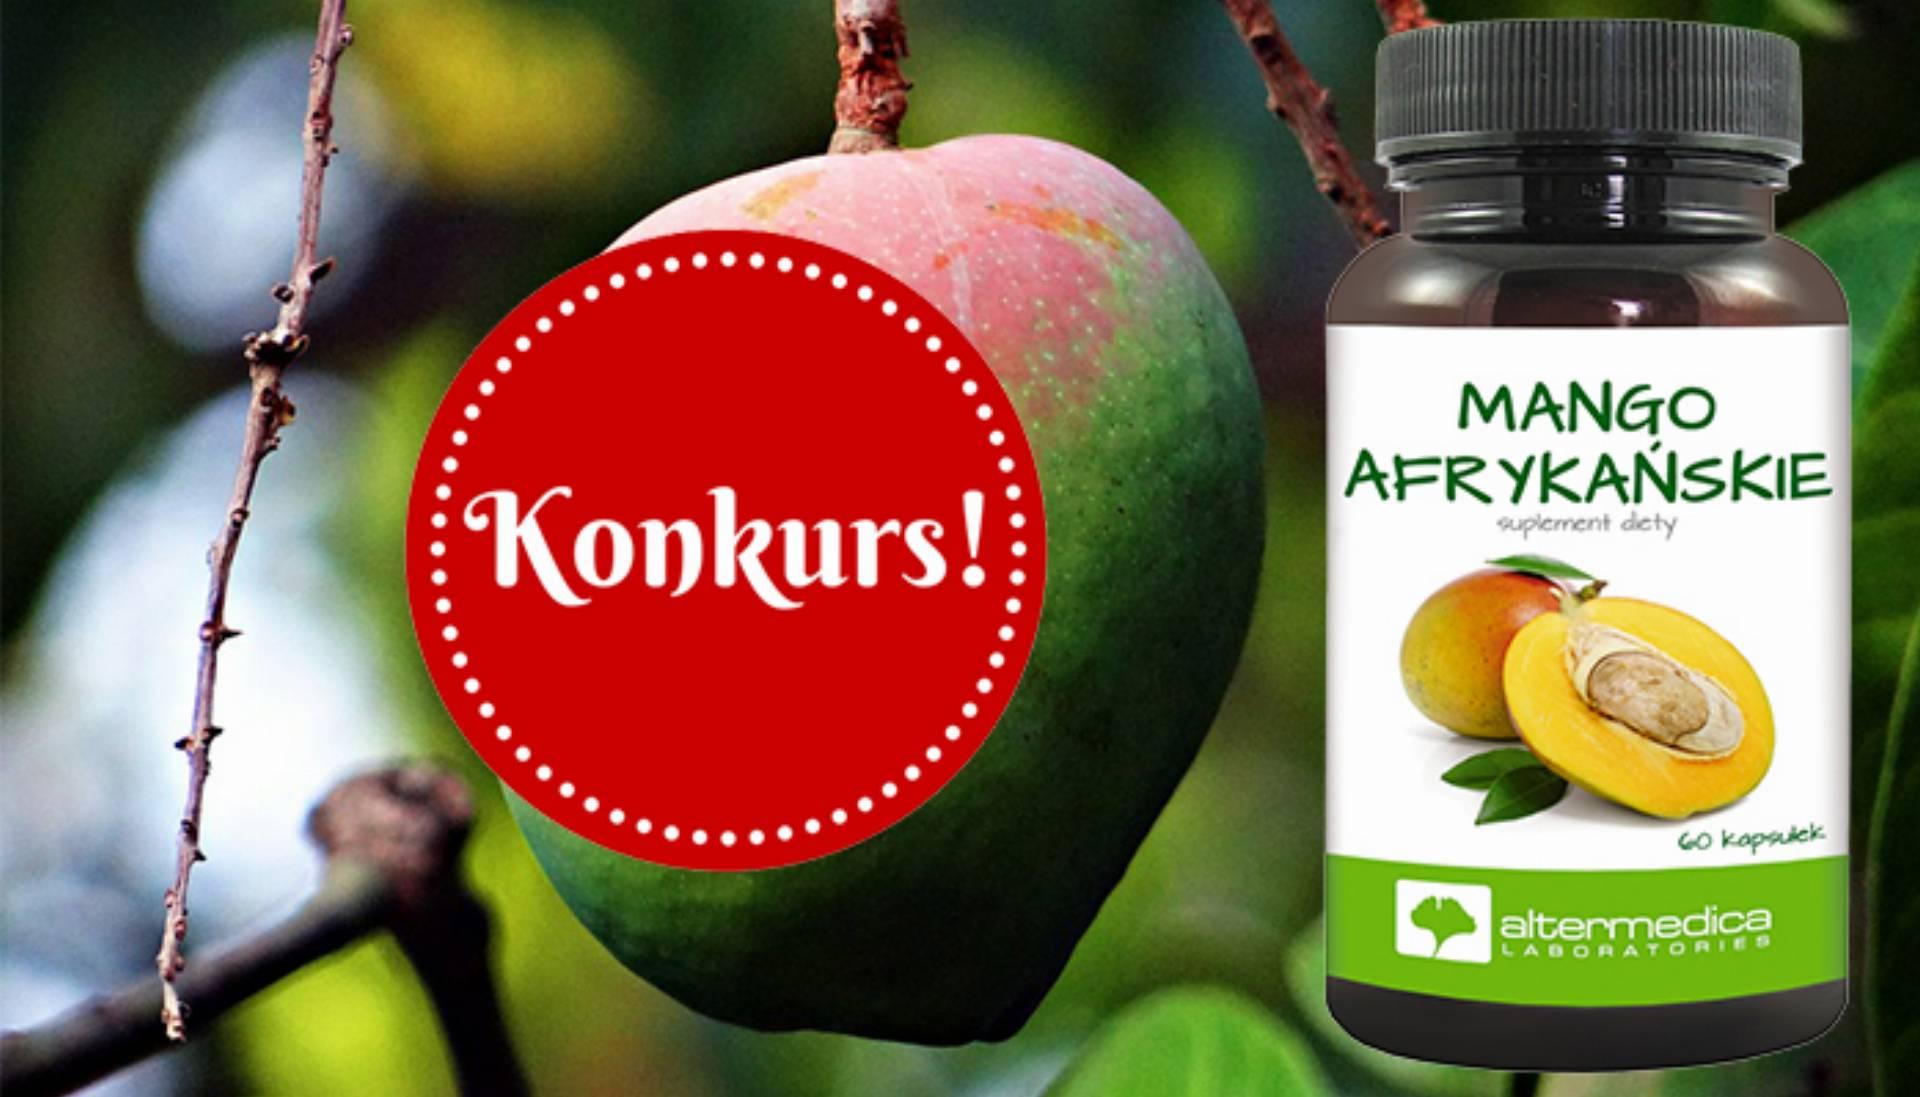 konkurs mango afrynańskie